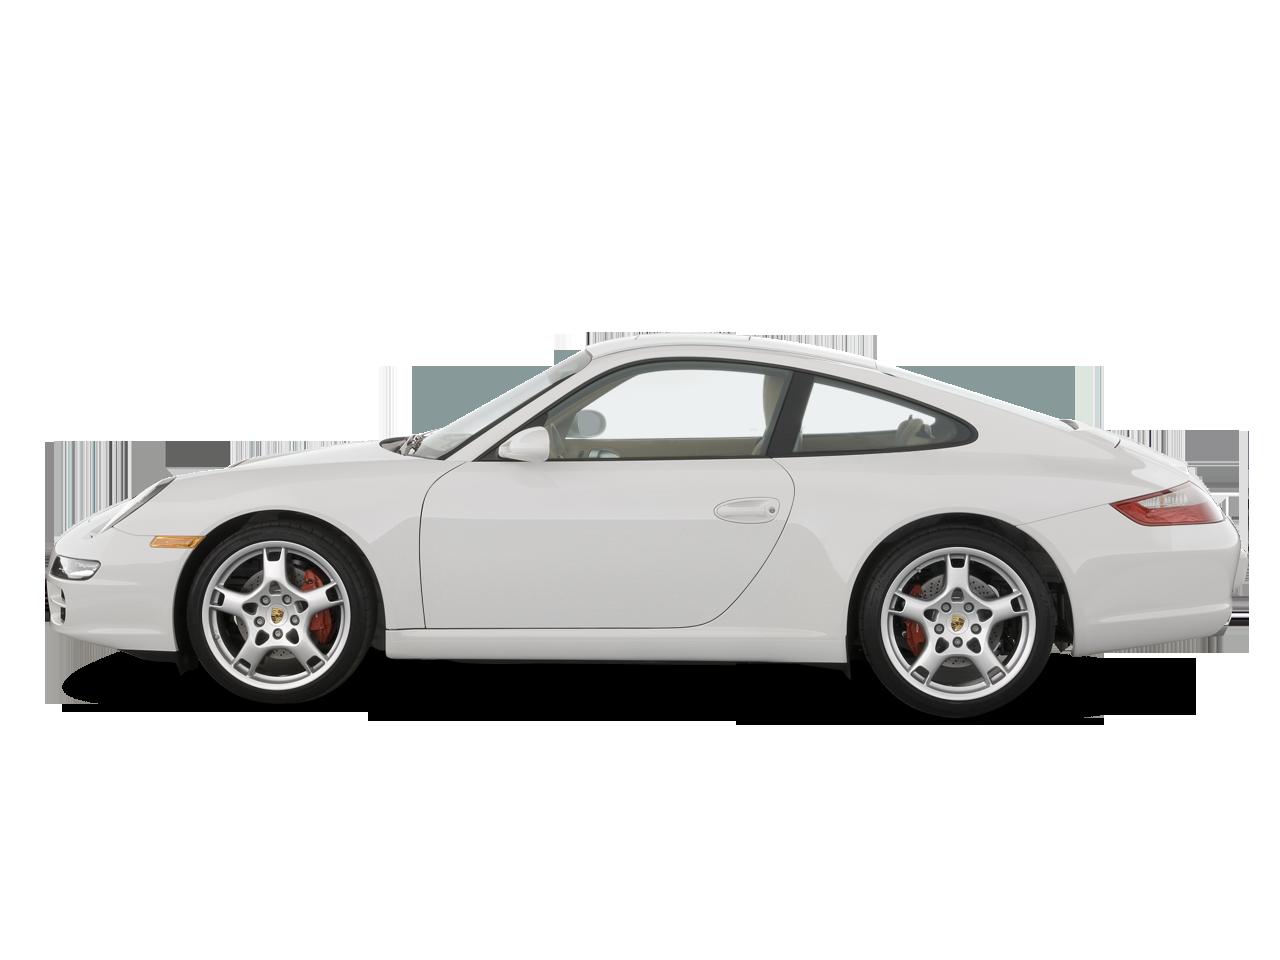 2007 Porsche 911 Gt3 Car Review Amp Road Test Automobile